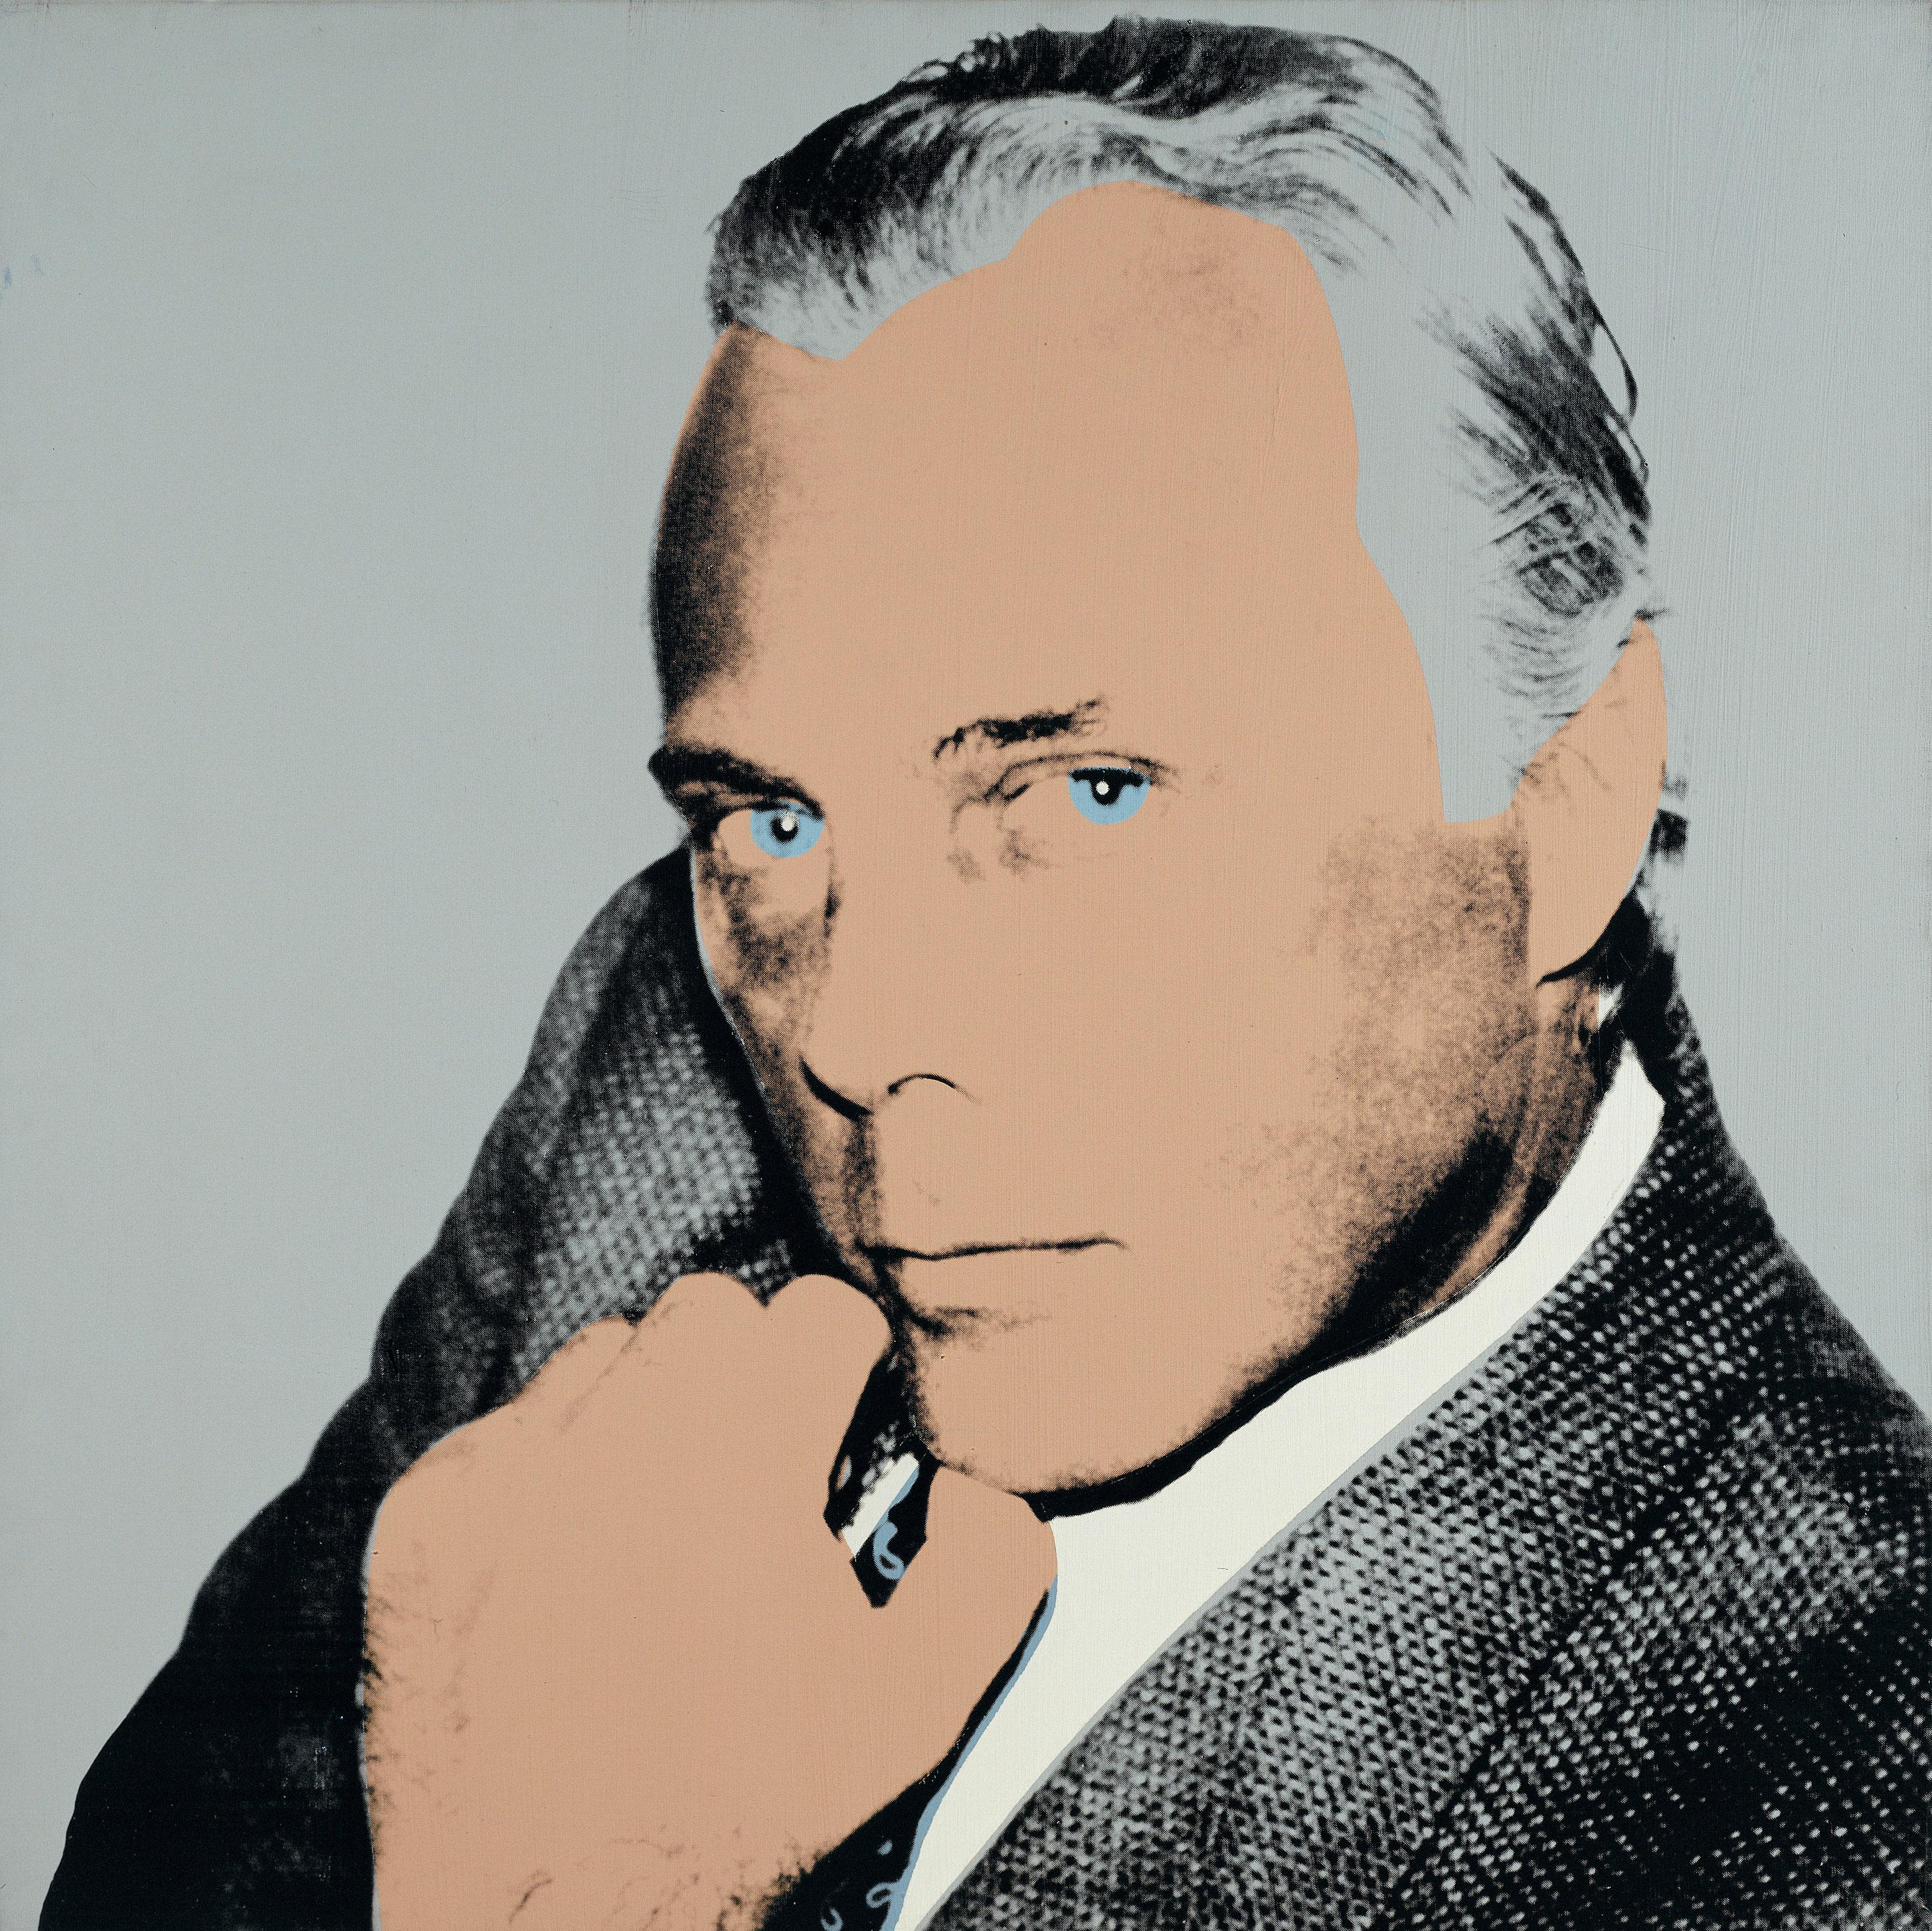 Giorgio Armani secondo Andy Warhol